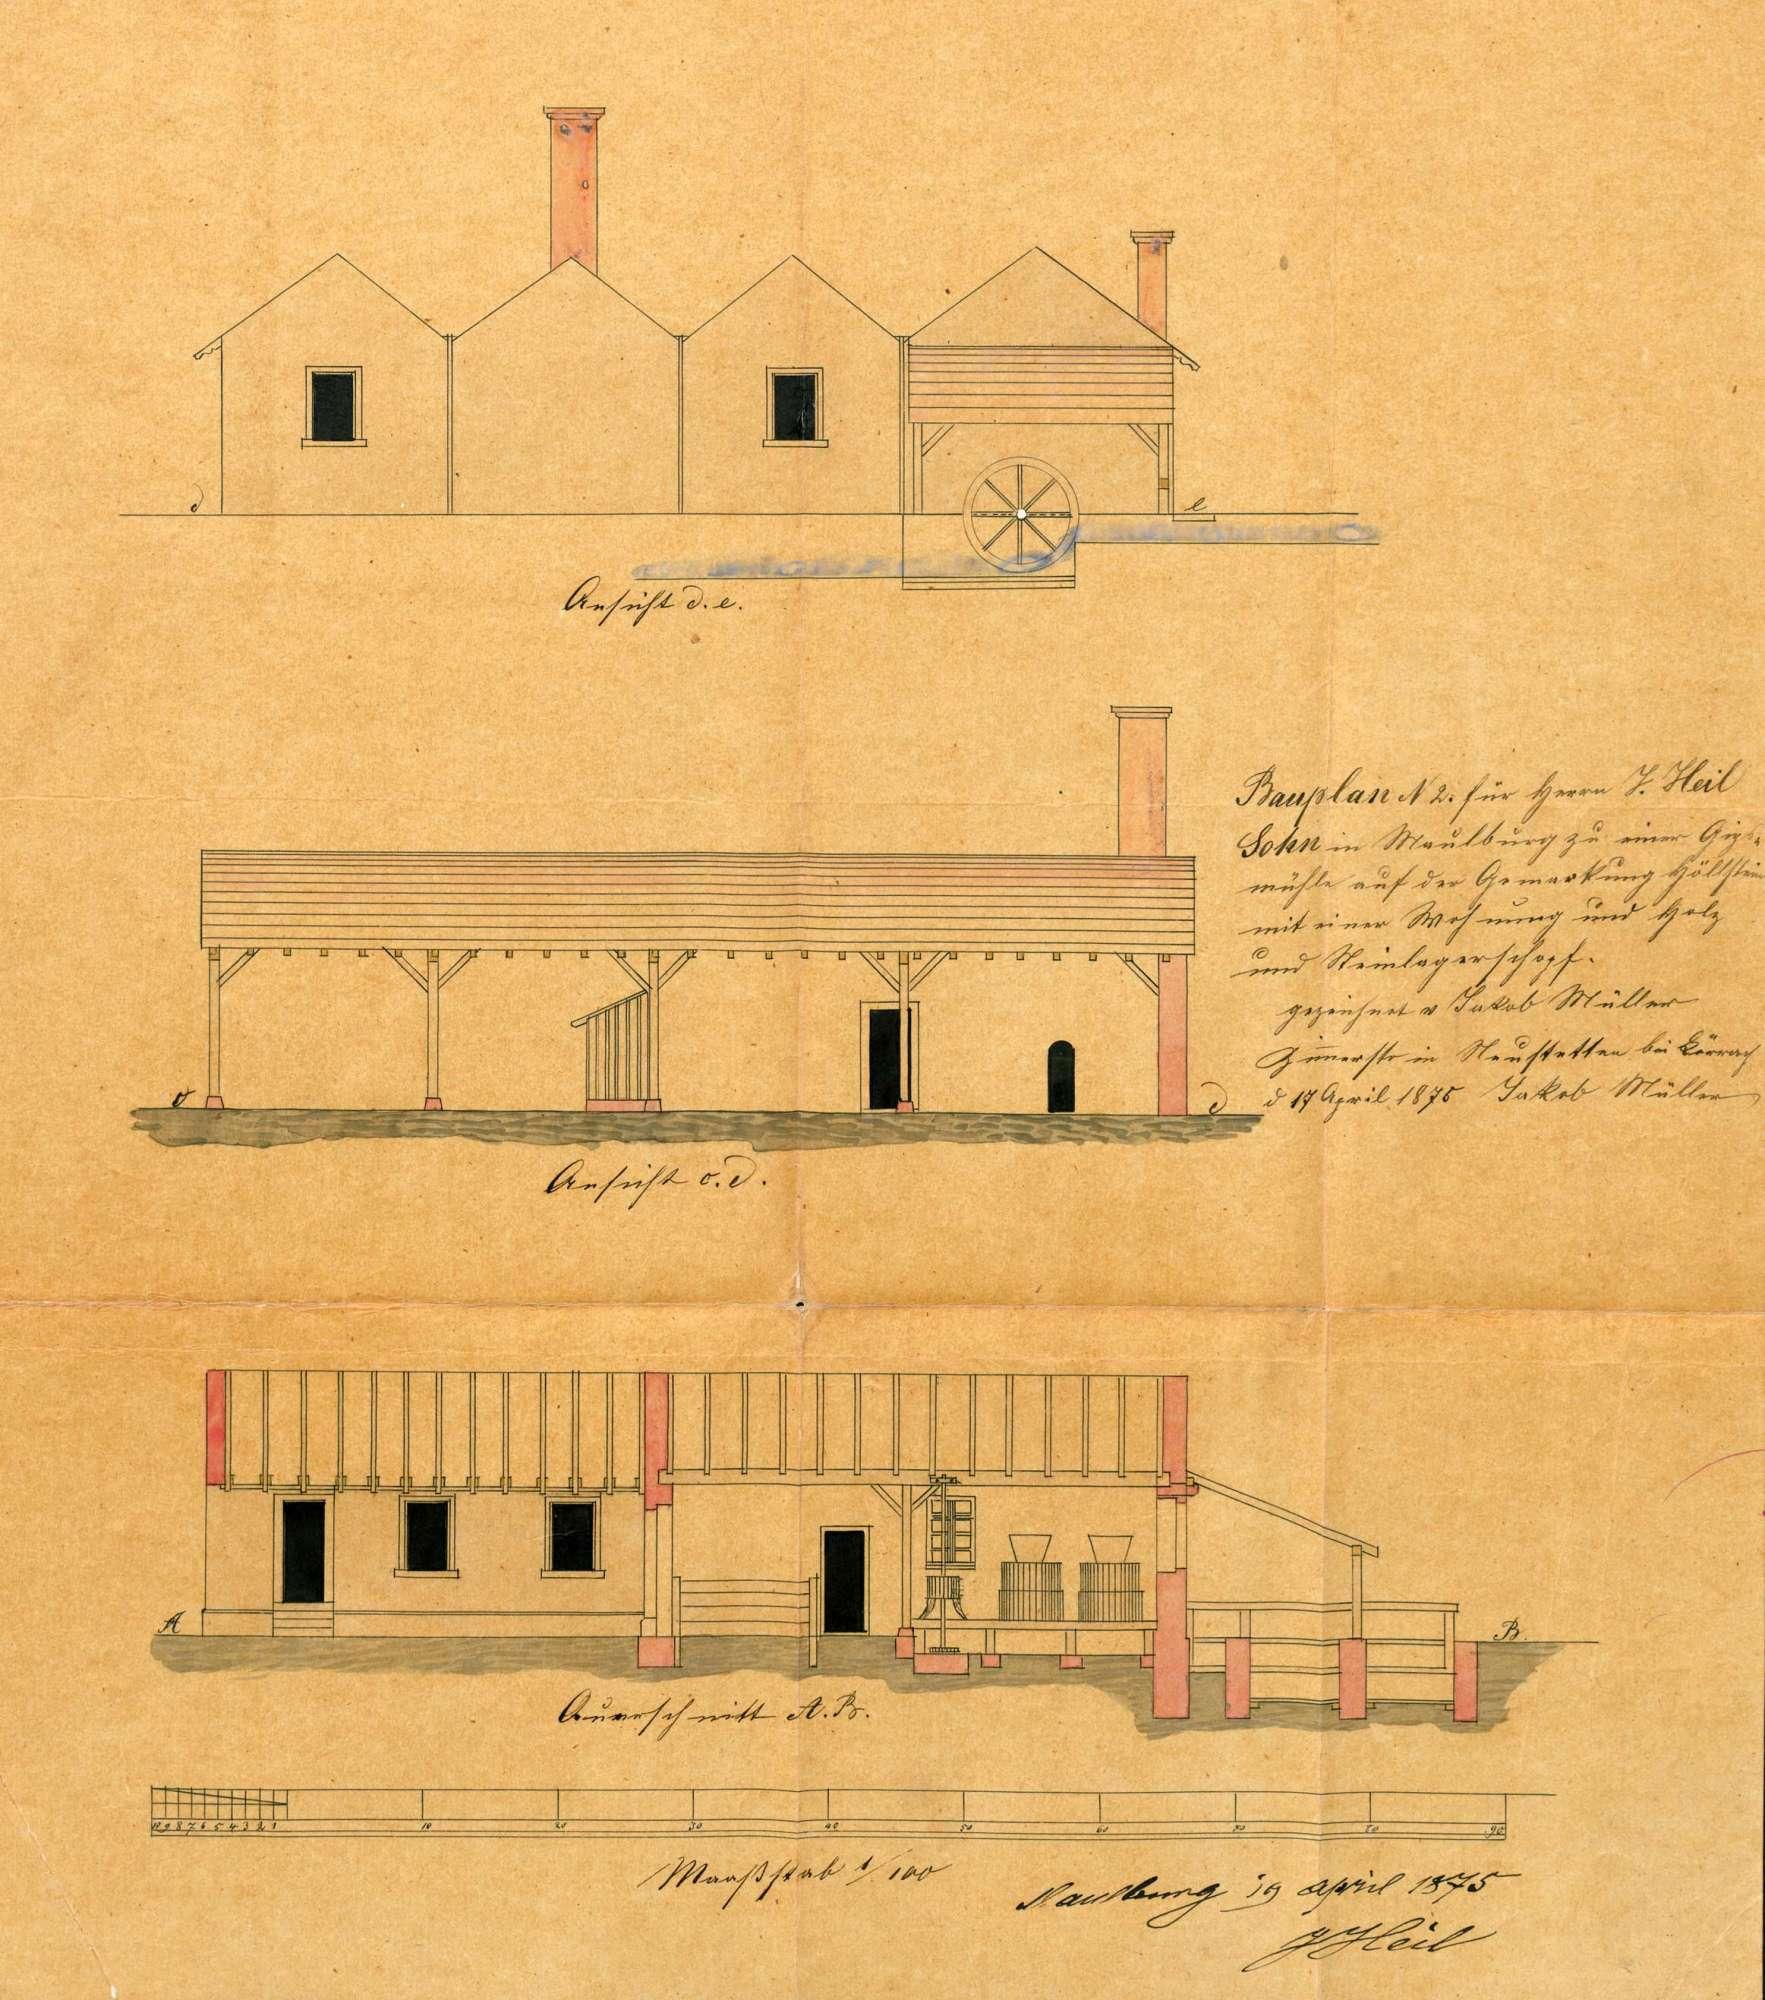 Betrieb der Gipswerke der Gebrüder Grether, früher Gipswerke Jakob Heil, in Höllstein, Bild 2